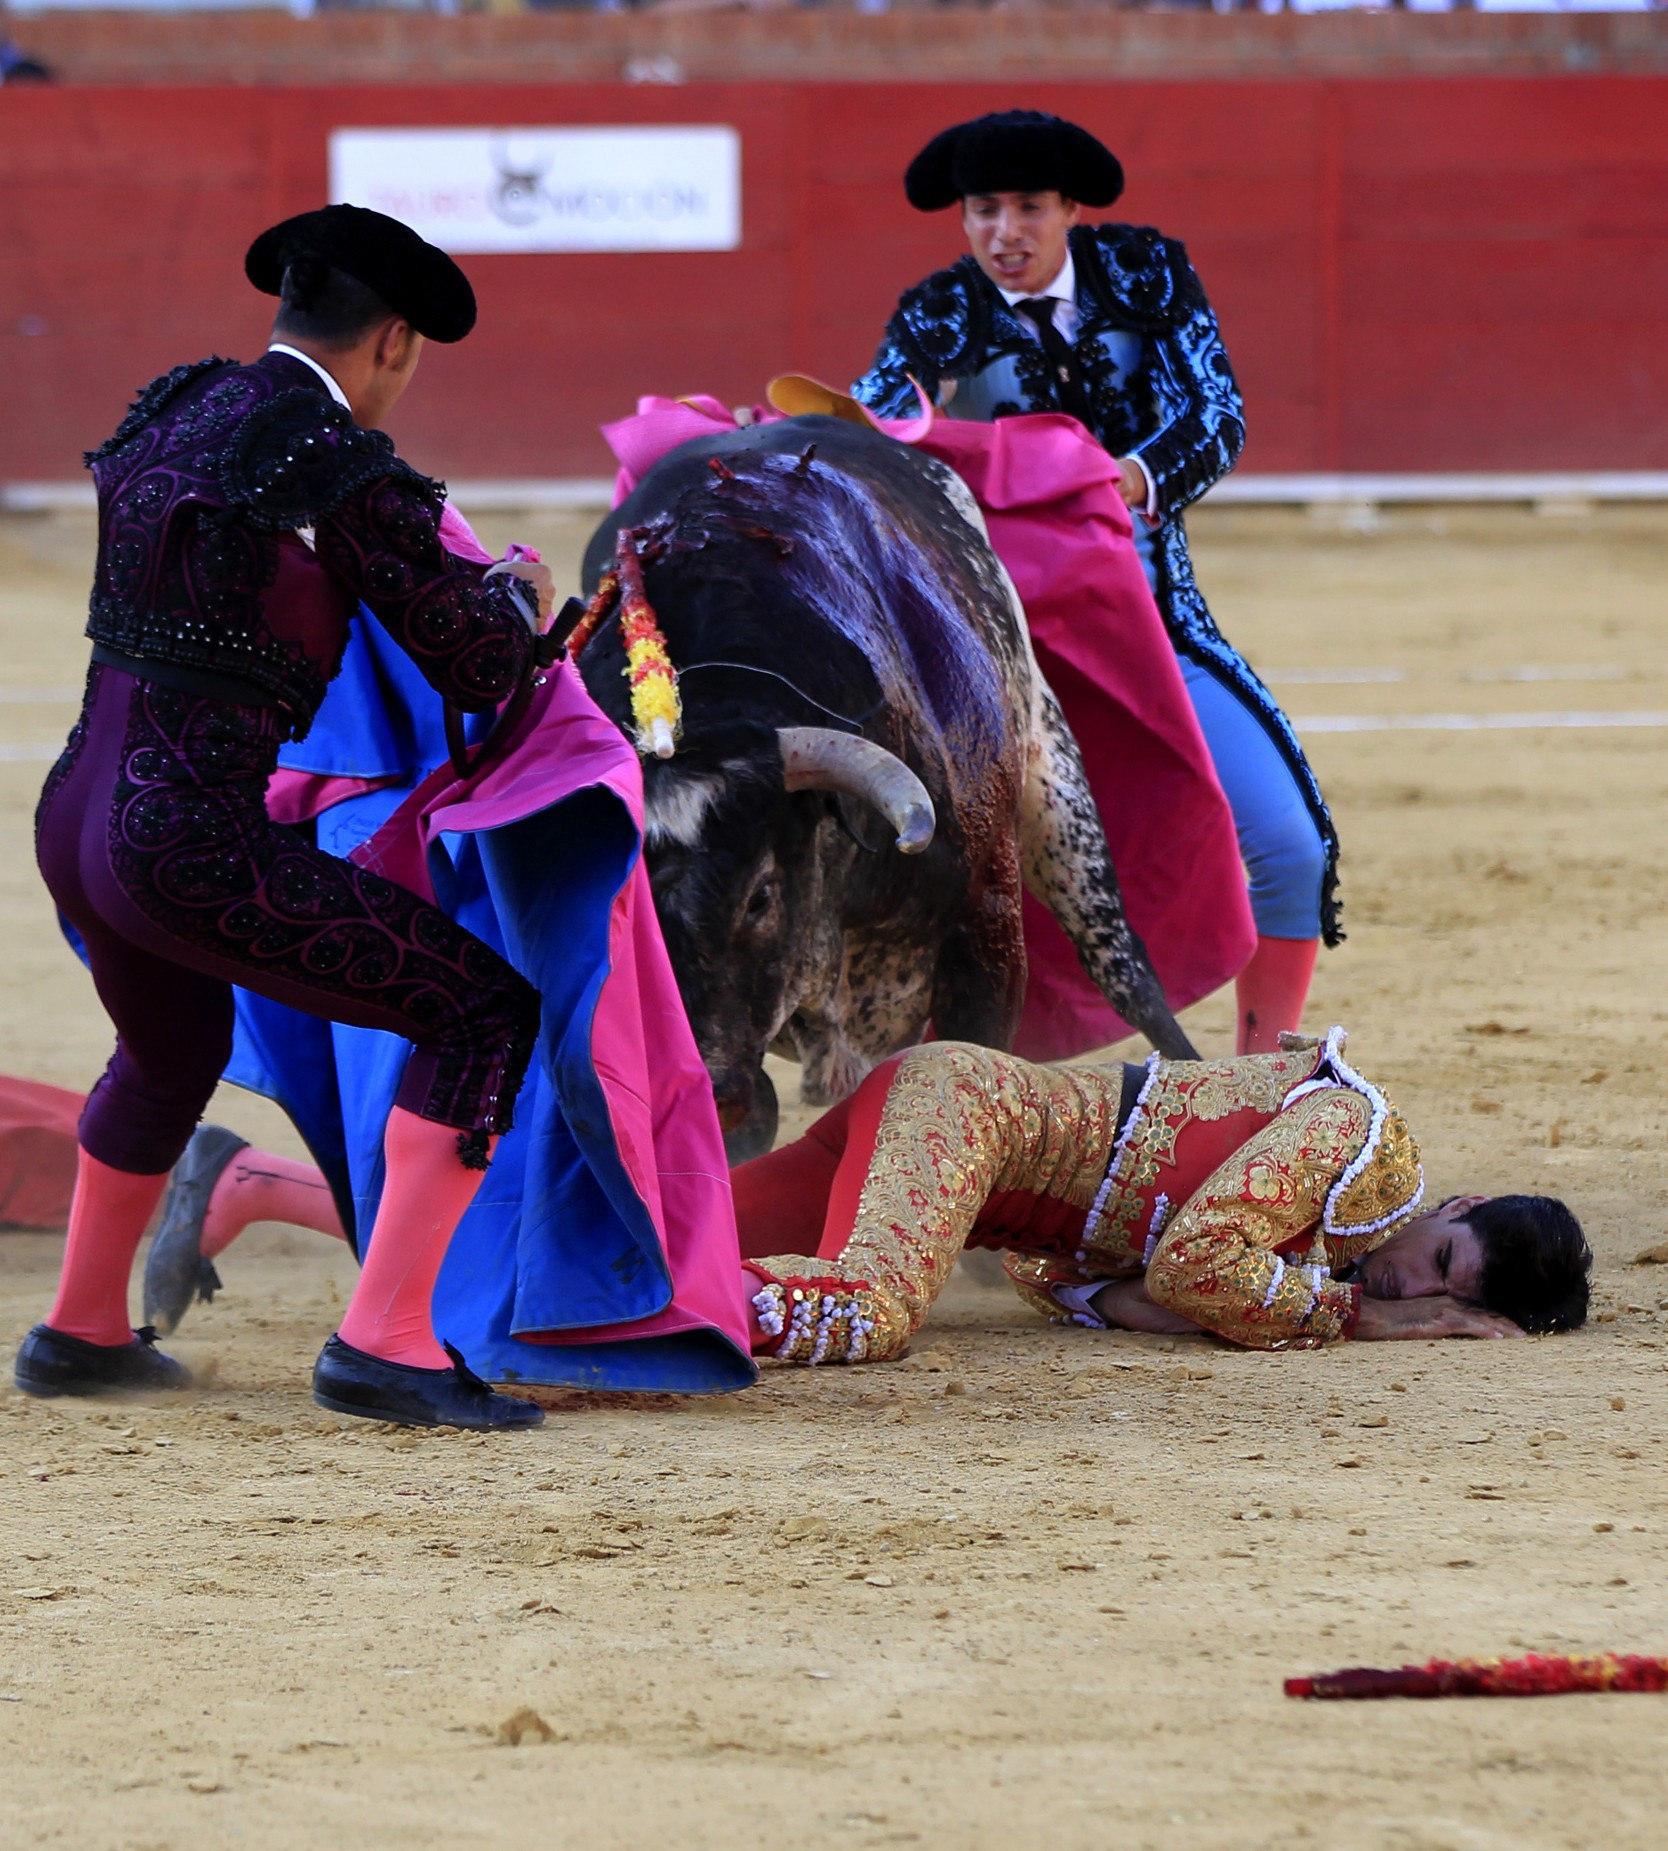 GRA313. TERUEL, 09/07/2016.- El torero segoviano de 29 años Víctor Barrio ha fallecido esta tarde en la plaza de toros de Teruel, en la Feria del Ángel, tras sufrir una grave cogida en el tercer toro de la tarde. EFE/Antonio García